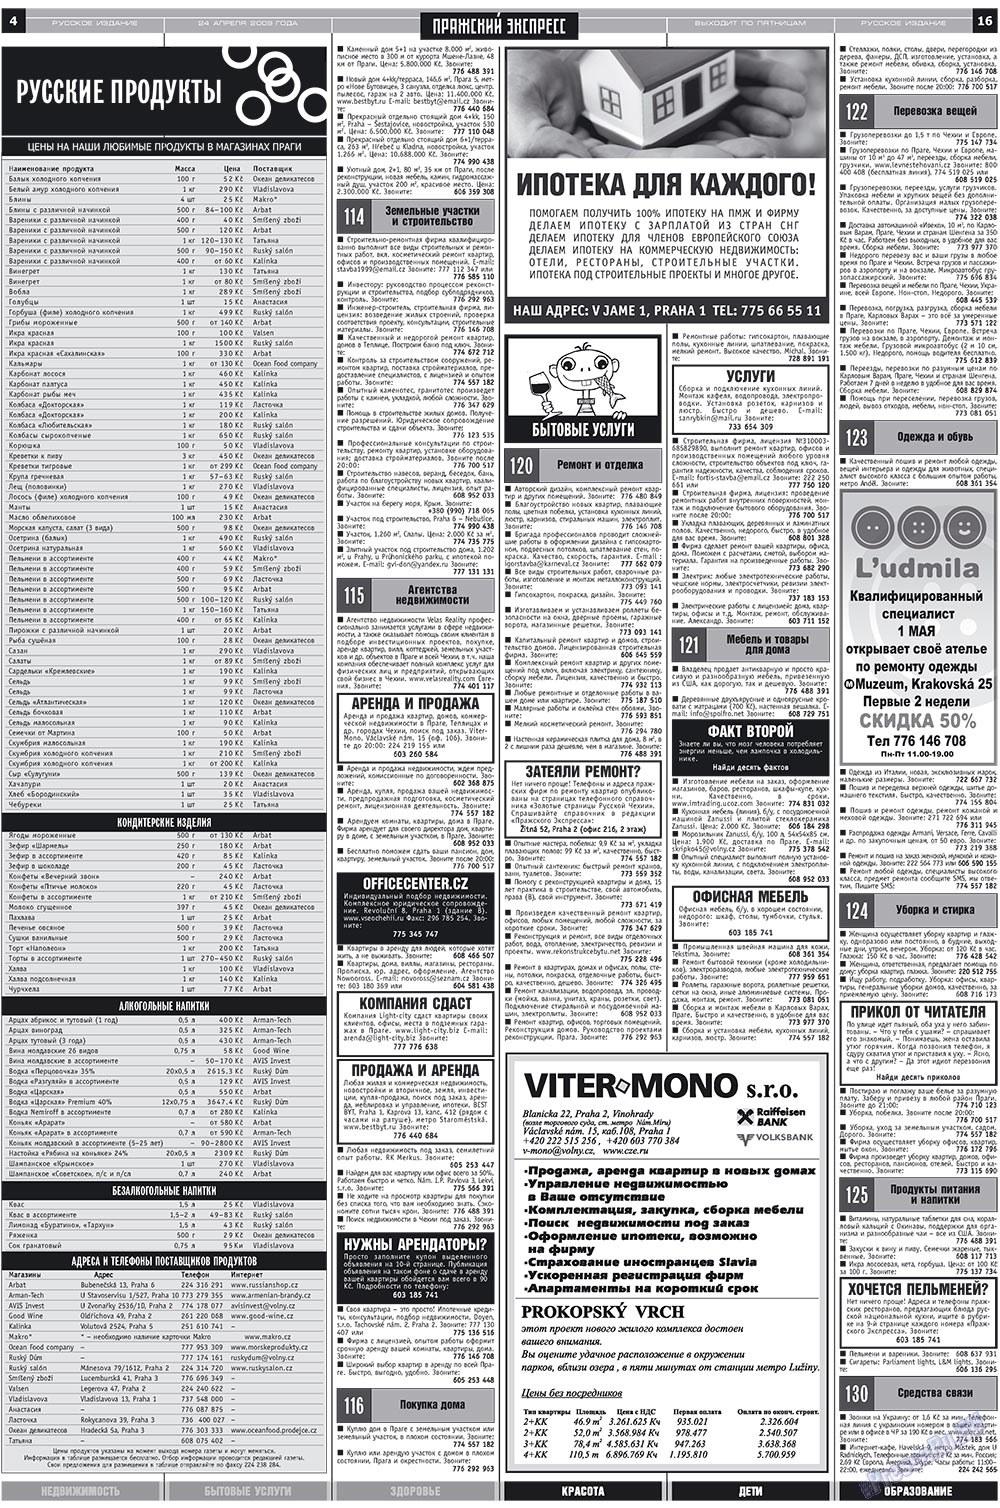 Пражский экспресс (газета). 2009 год, номер 16, стр. 4